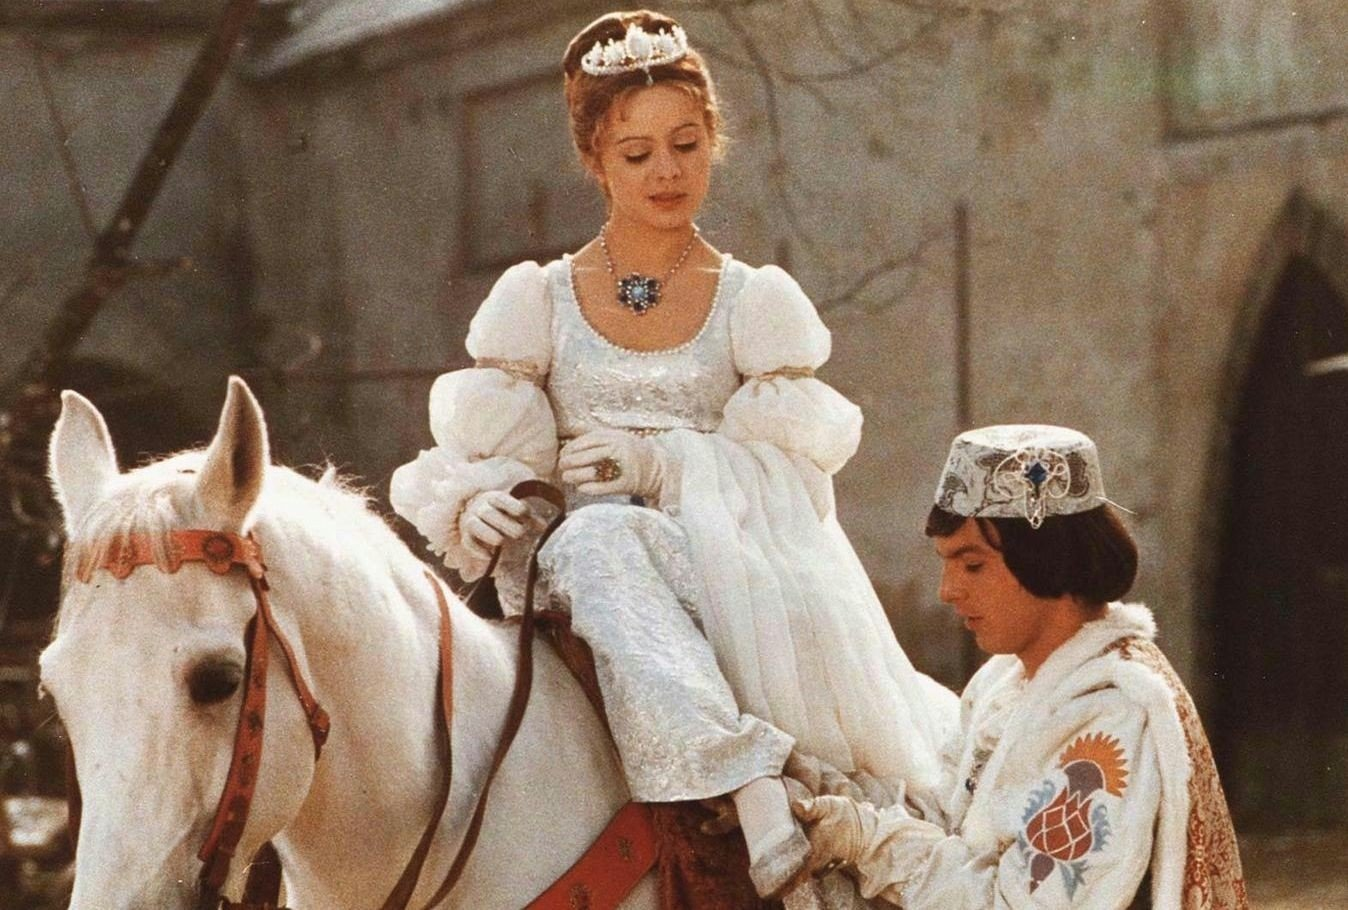 Libuse Safrankova i den tysk-tsjekkoslovakiske filmen om eventyret om Askepott.